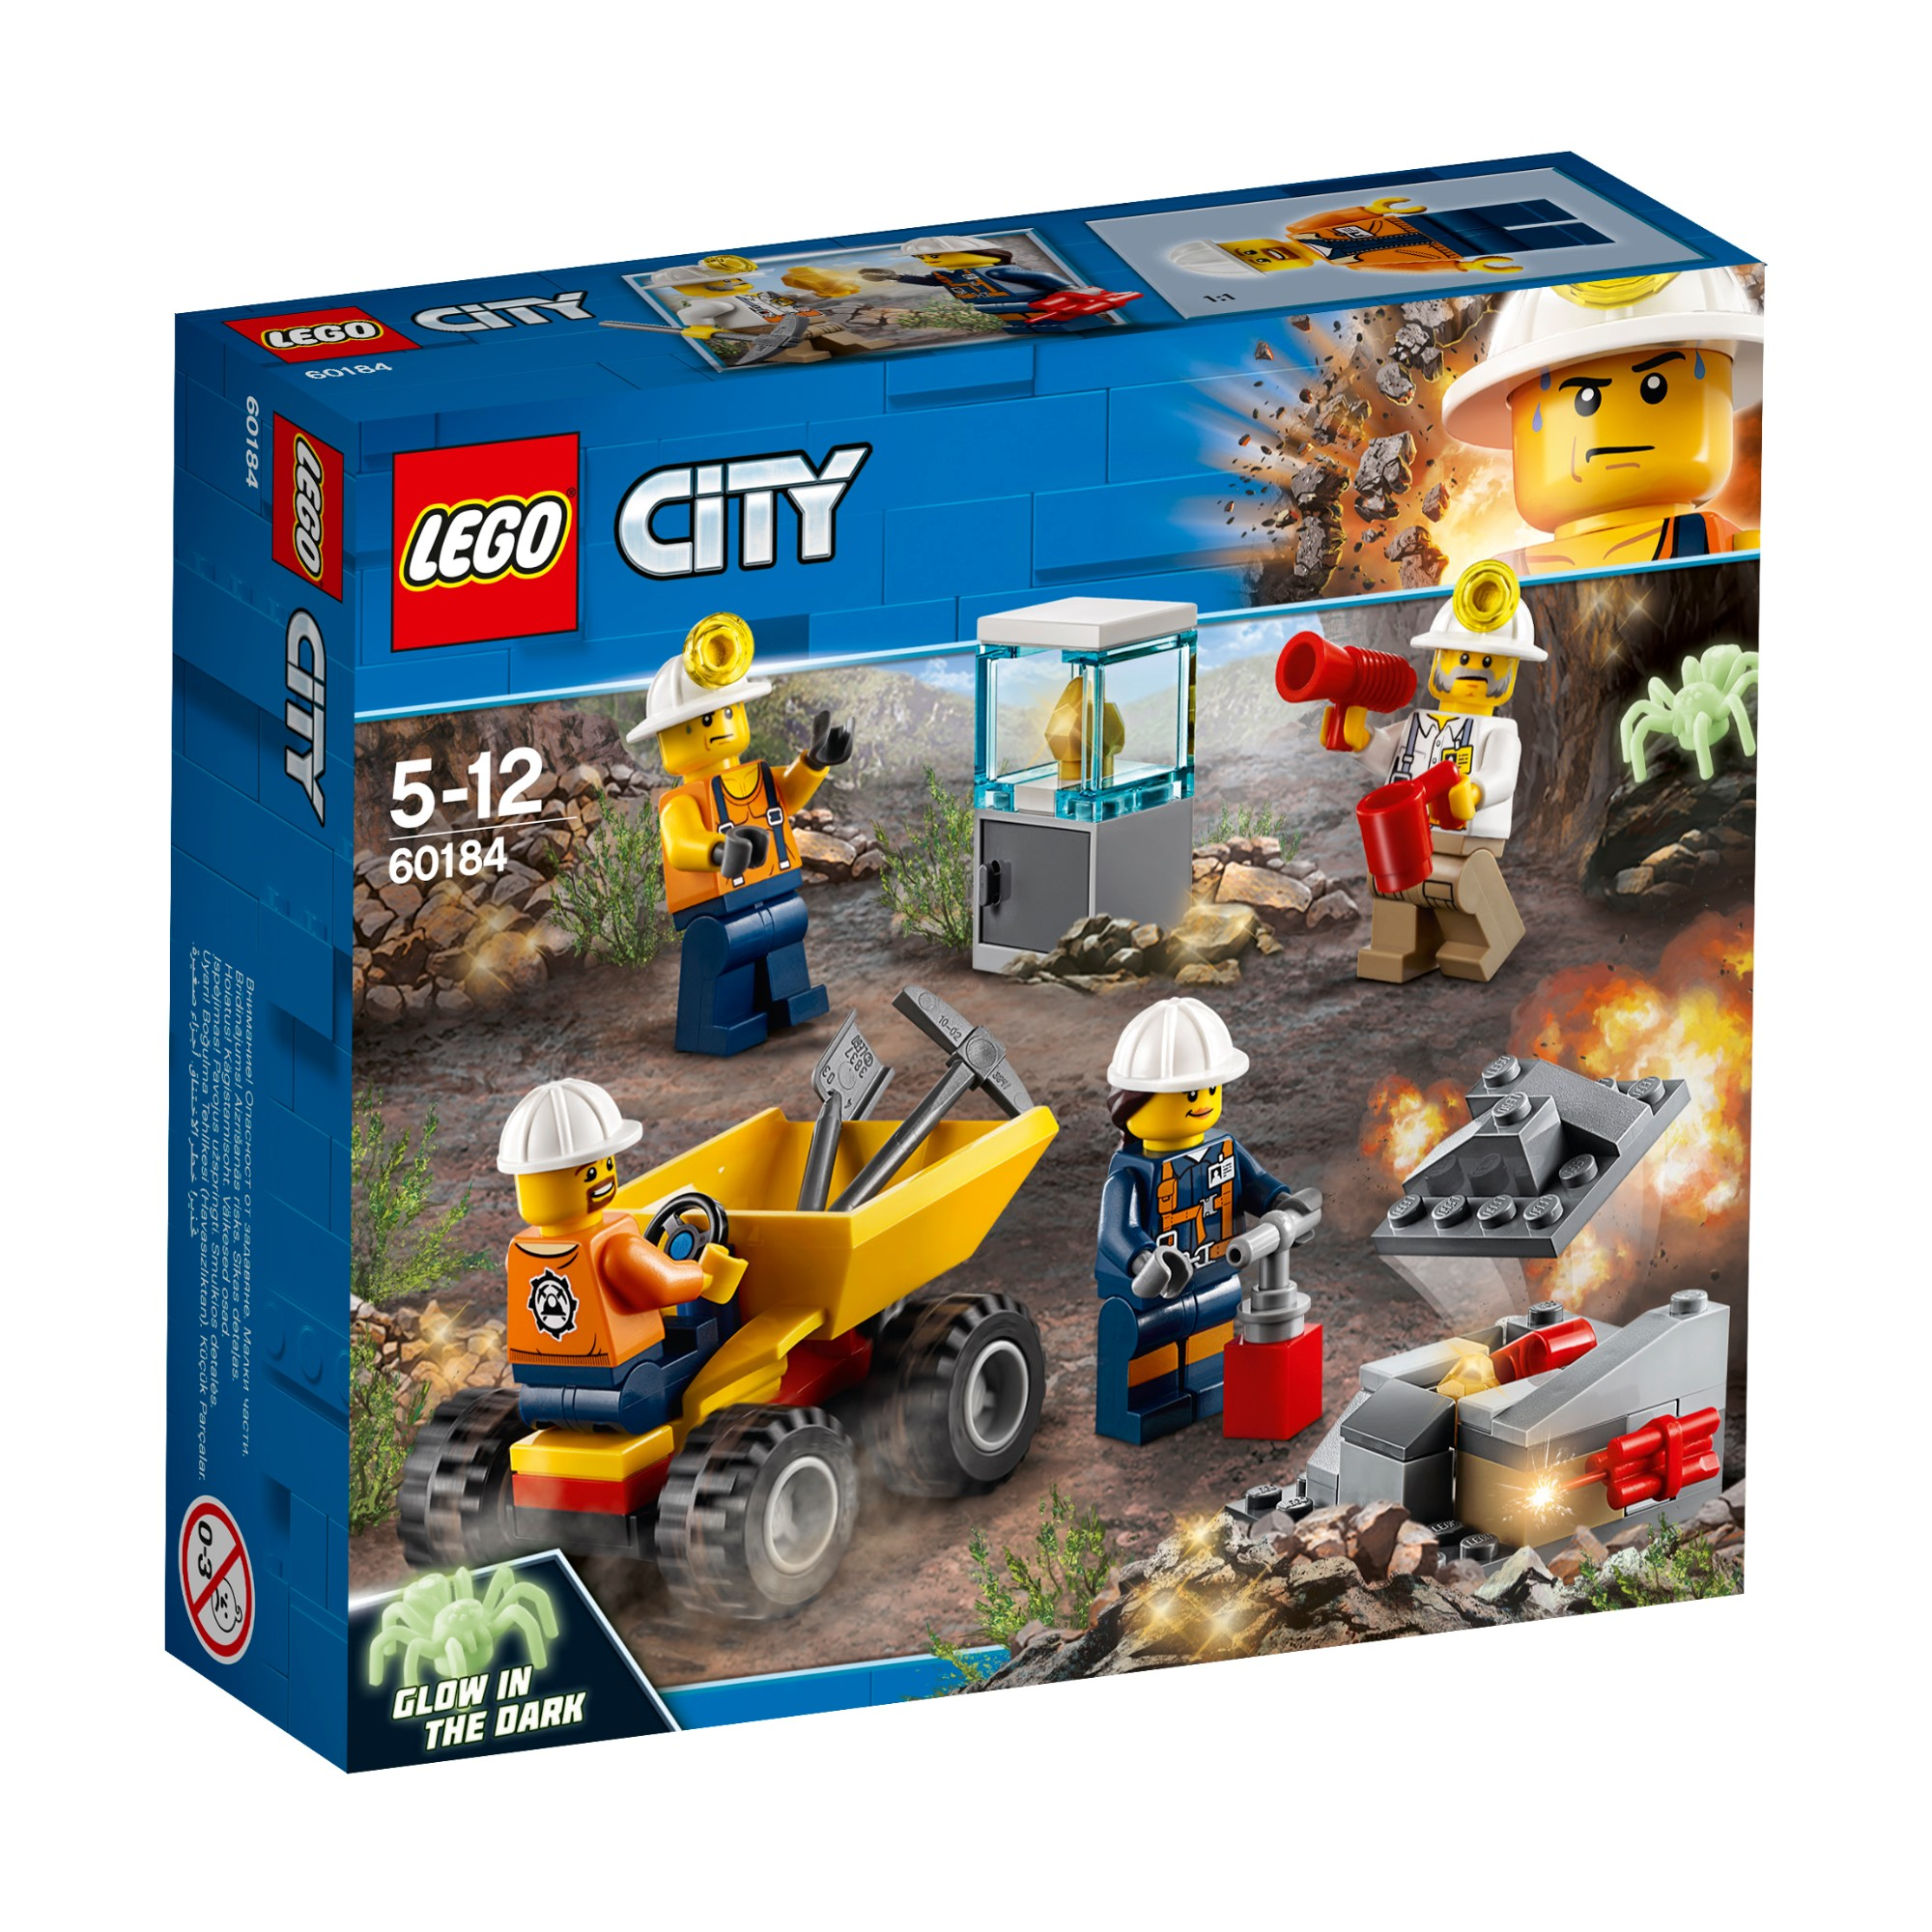 Konstruktorius LEGO CITY POLICE Kalnakasių komanda 5-12 metų vaikams (60184)